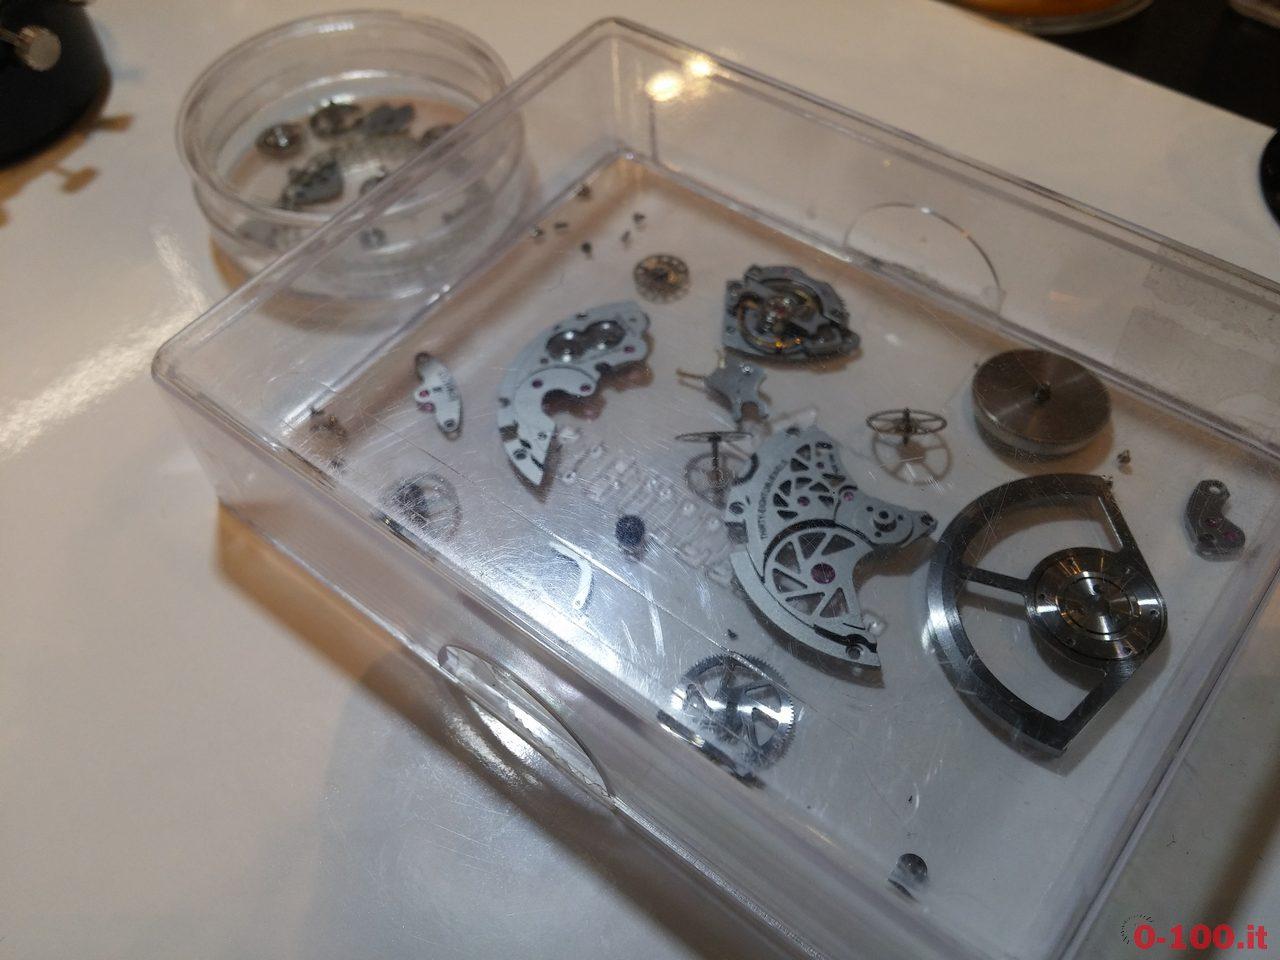 hublot-big-bang-ferrari-titanio-limited-edition-ref-402-nx-0123-wr-prezzo-price_0-1006